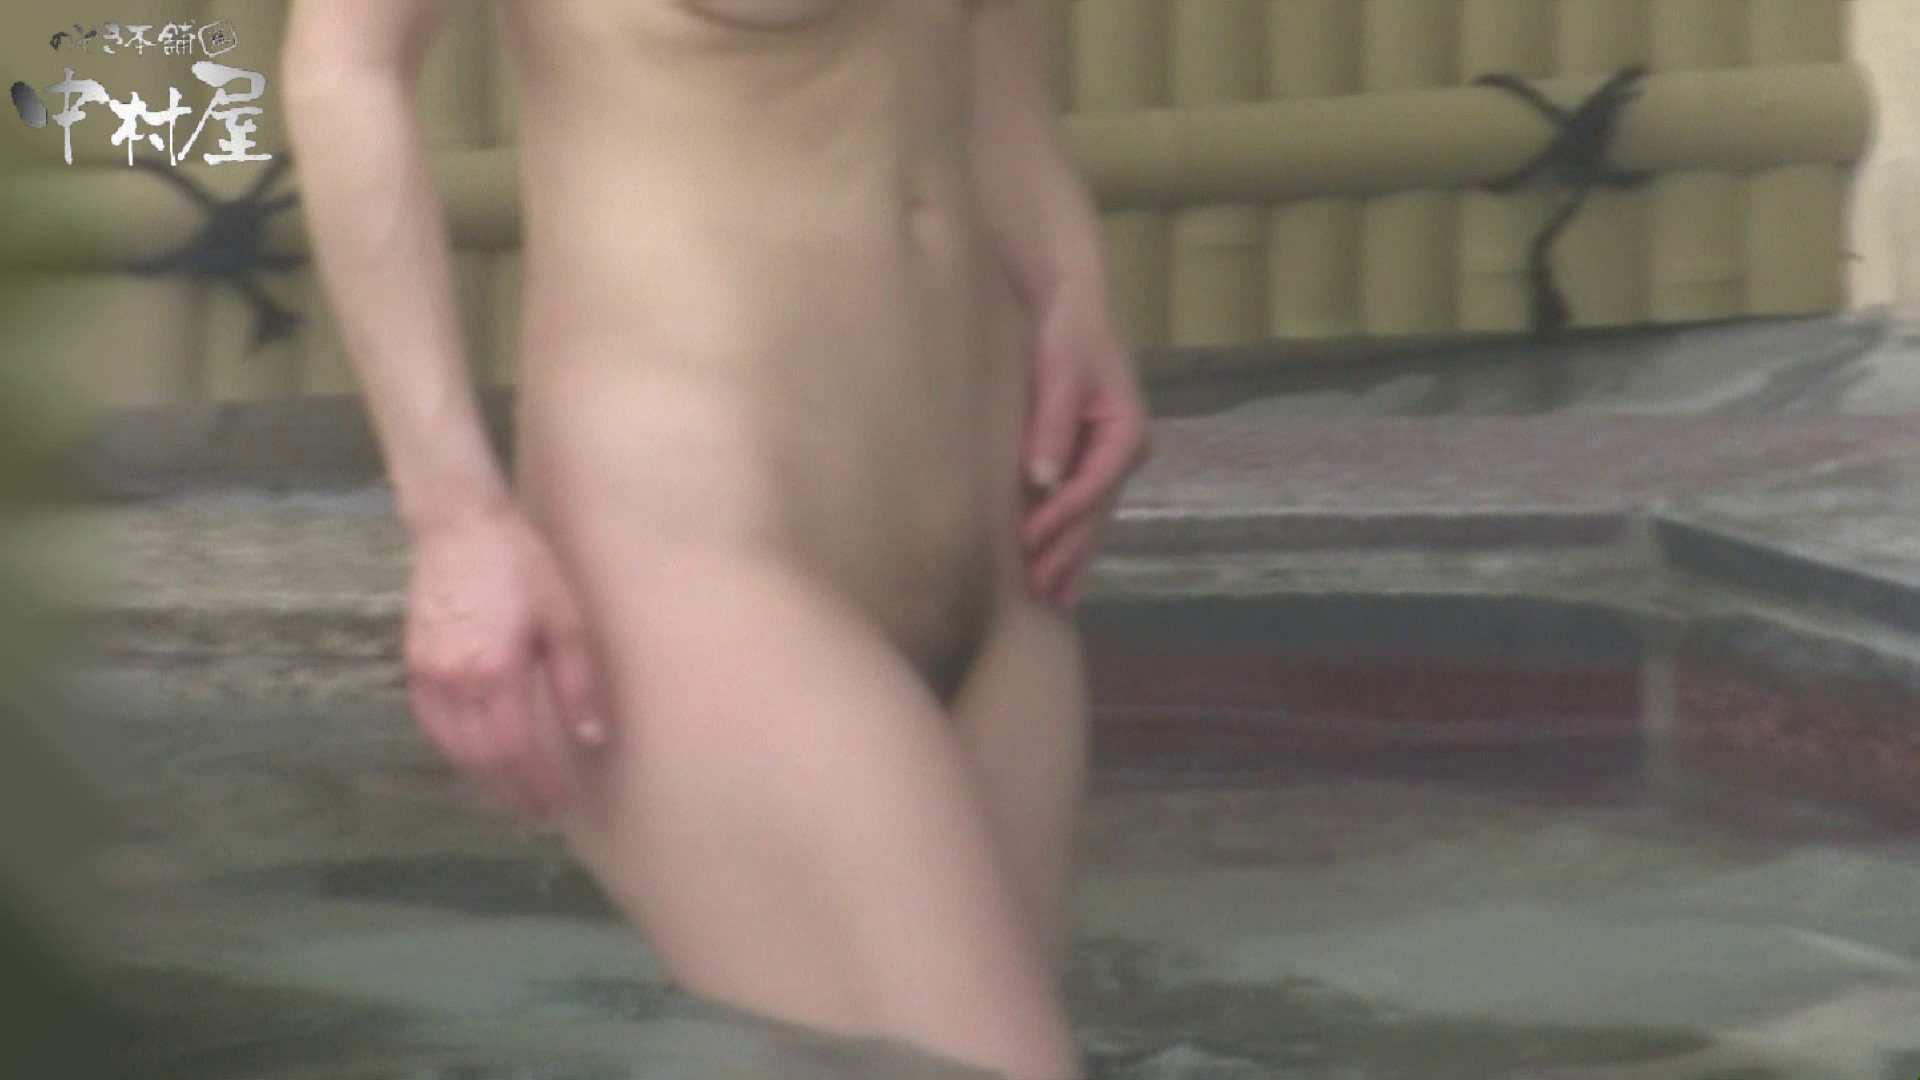 Aquaな露天風呂Vol.927 OLのエロ生活 | 盗撮  89連発 88